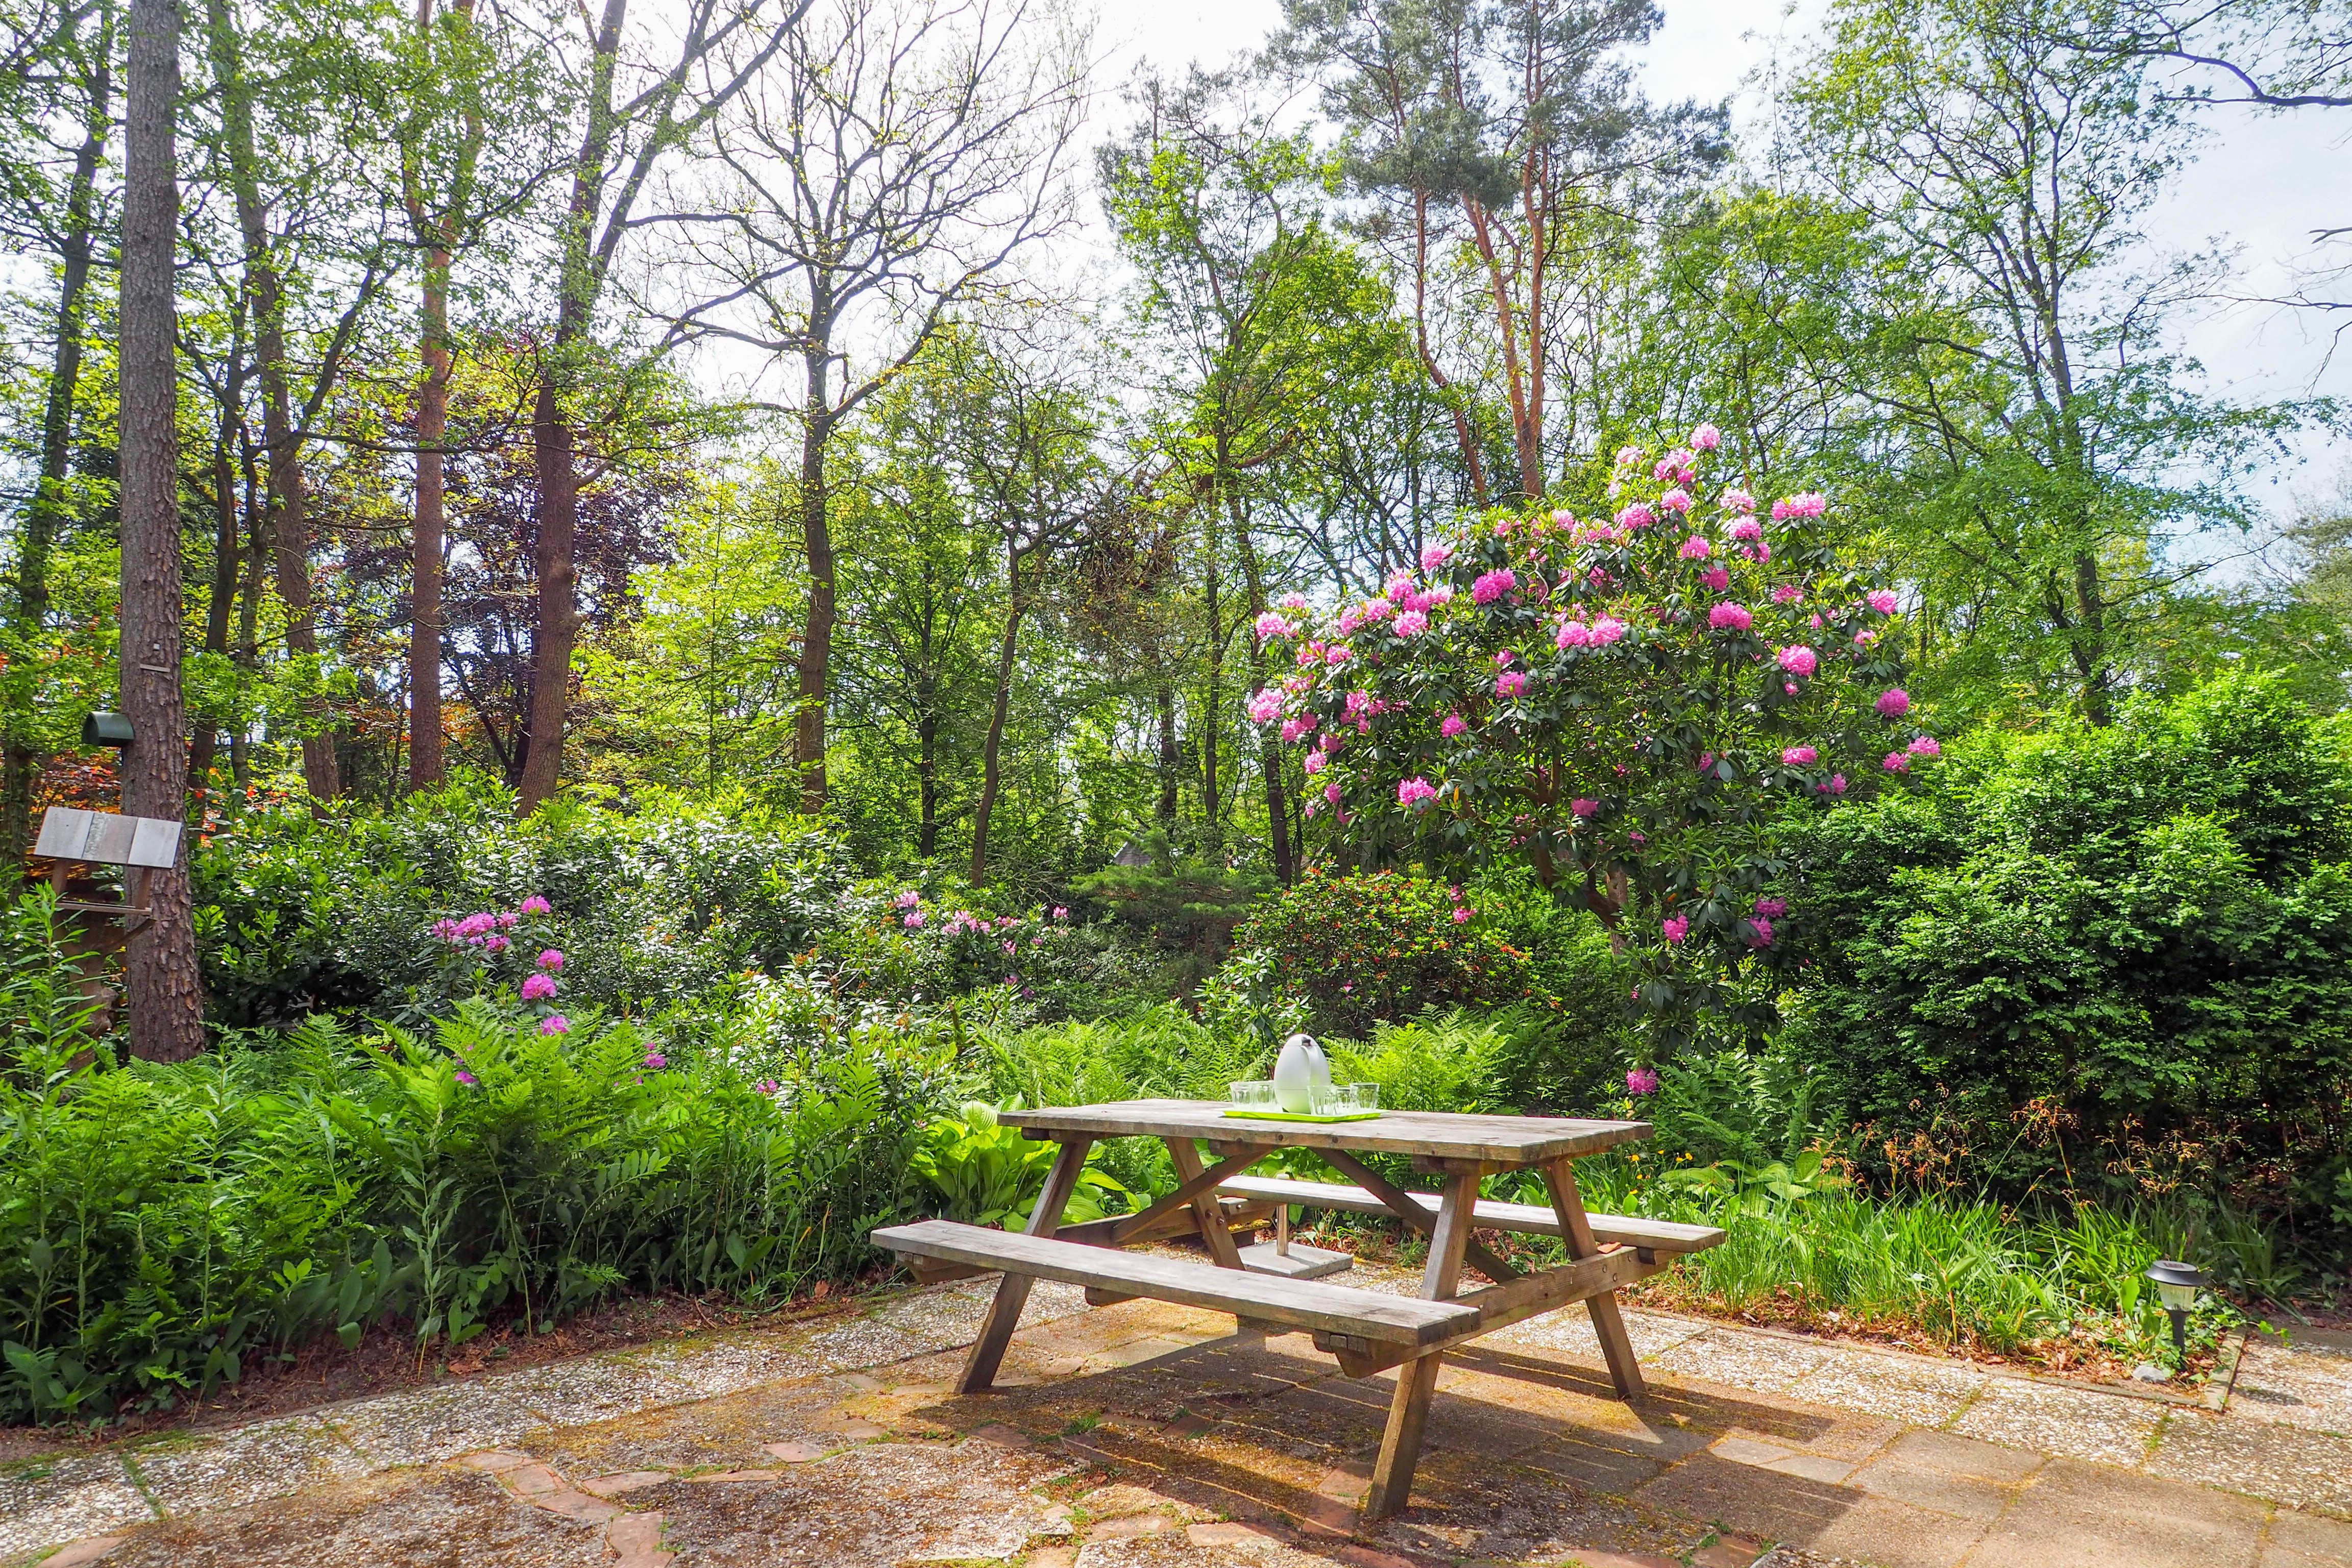 05-Het terras met handige picknickbank